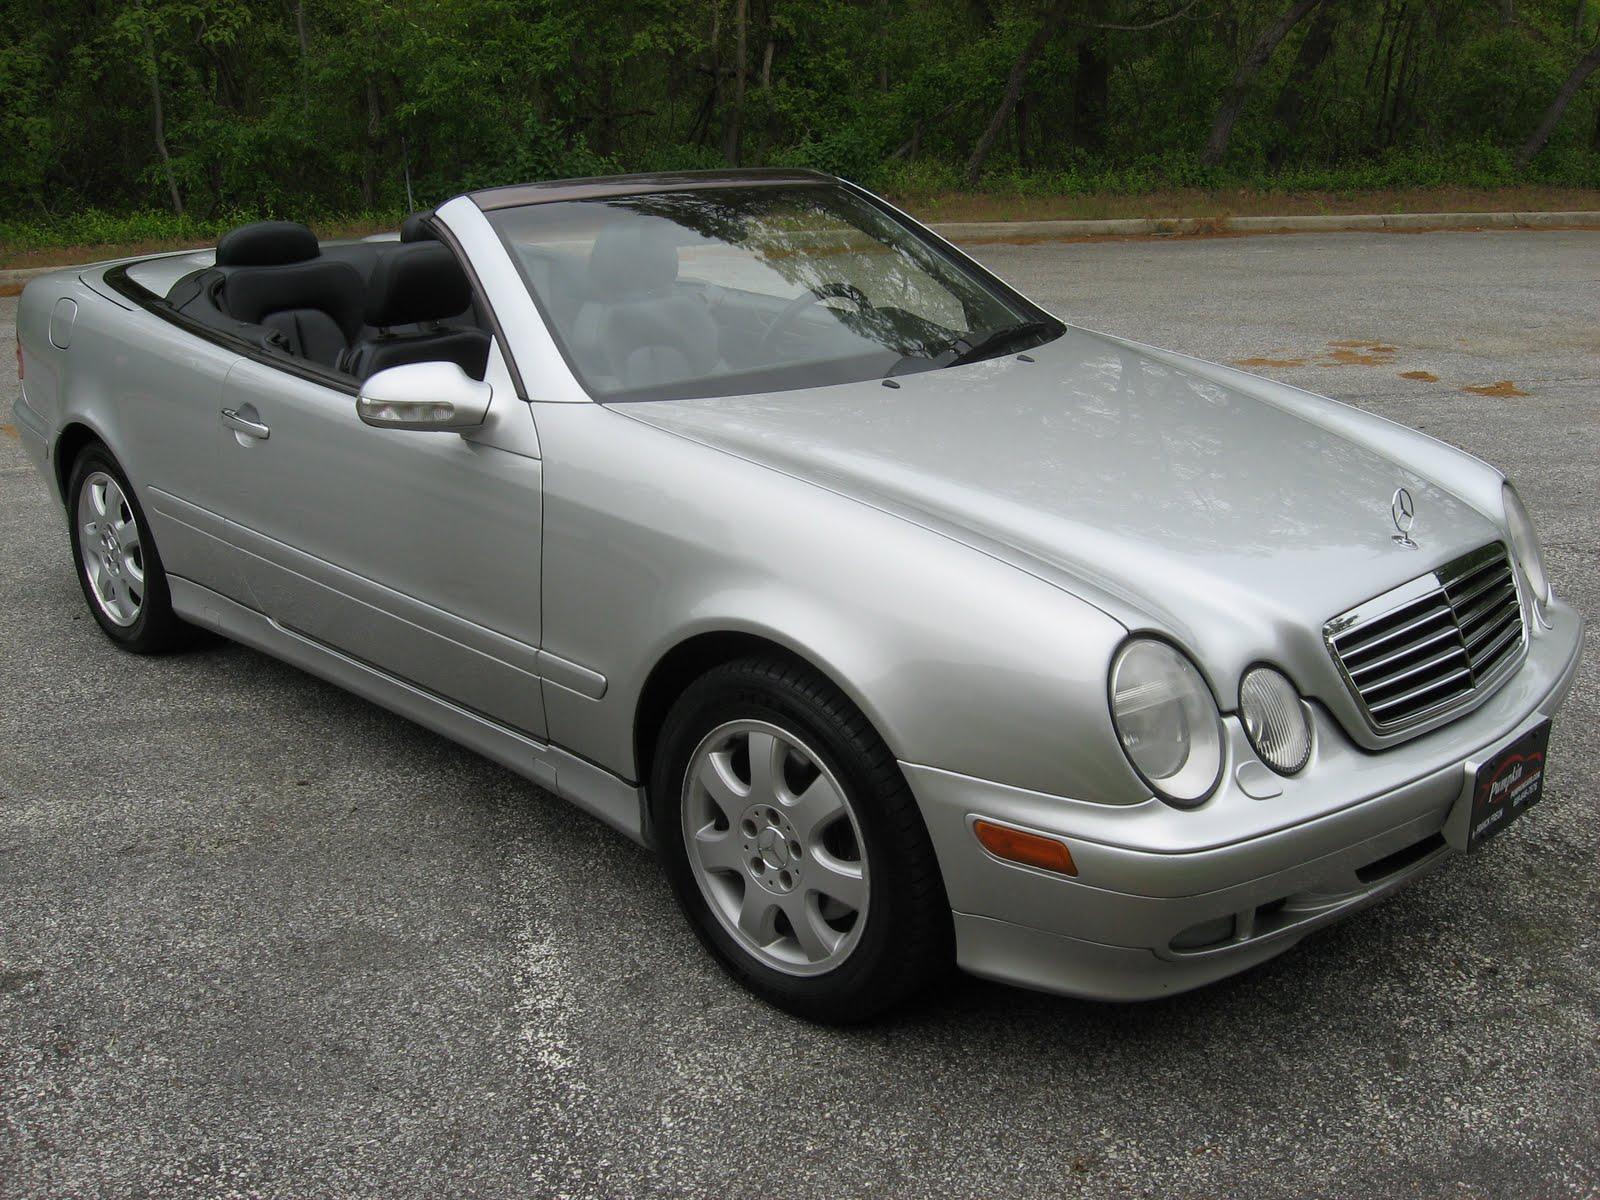 2001 mercedes benz clk320 cabriolet for Mercedes benz clk320